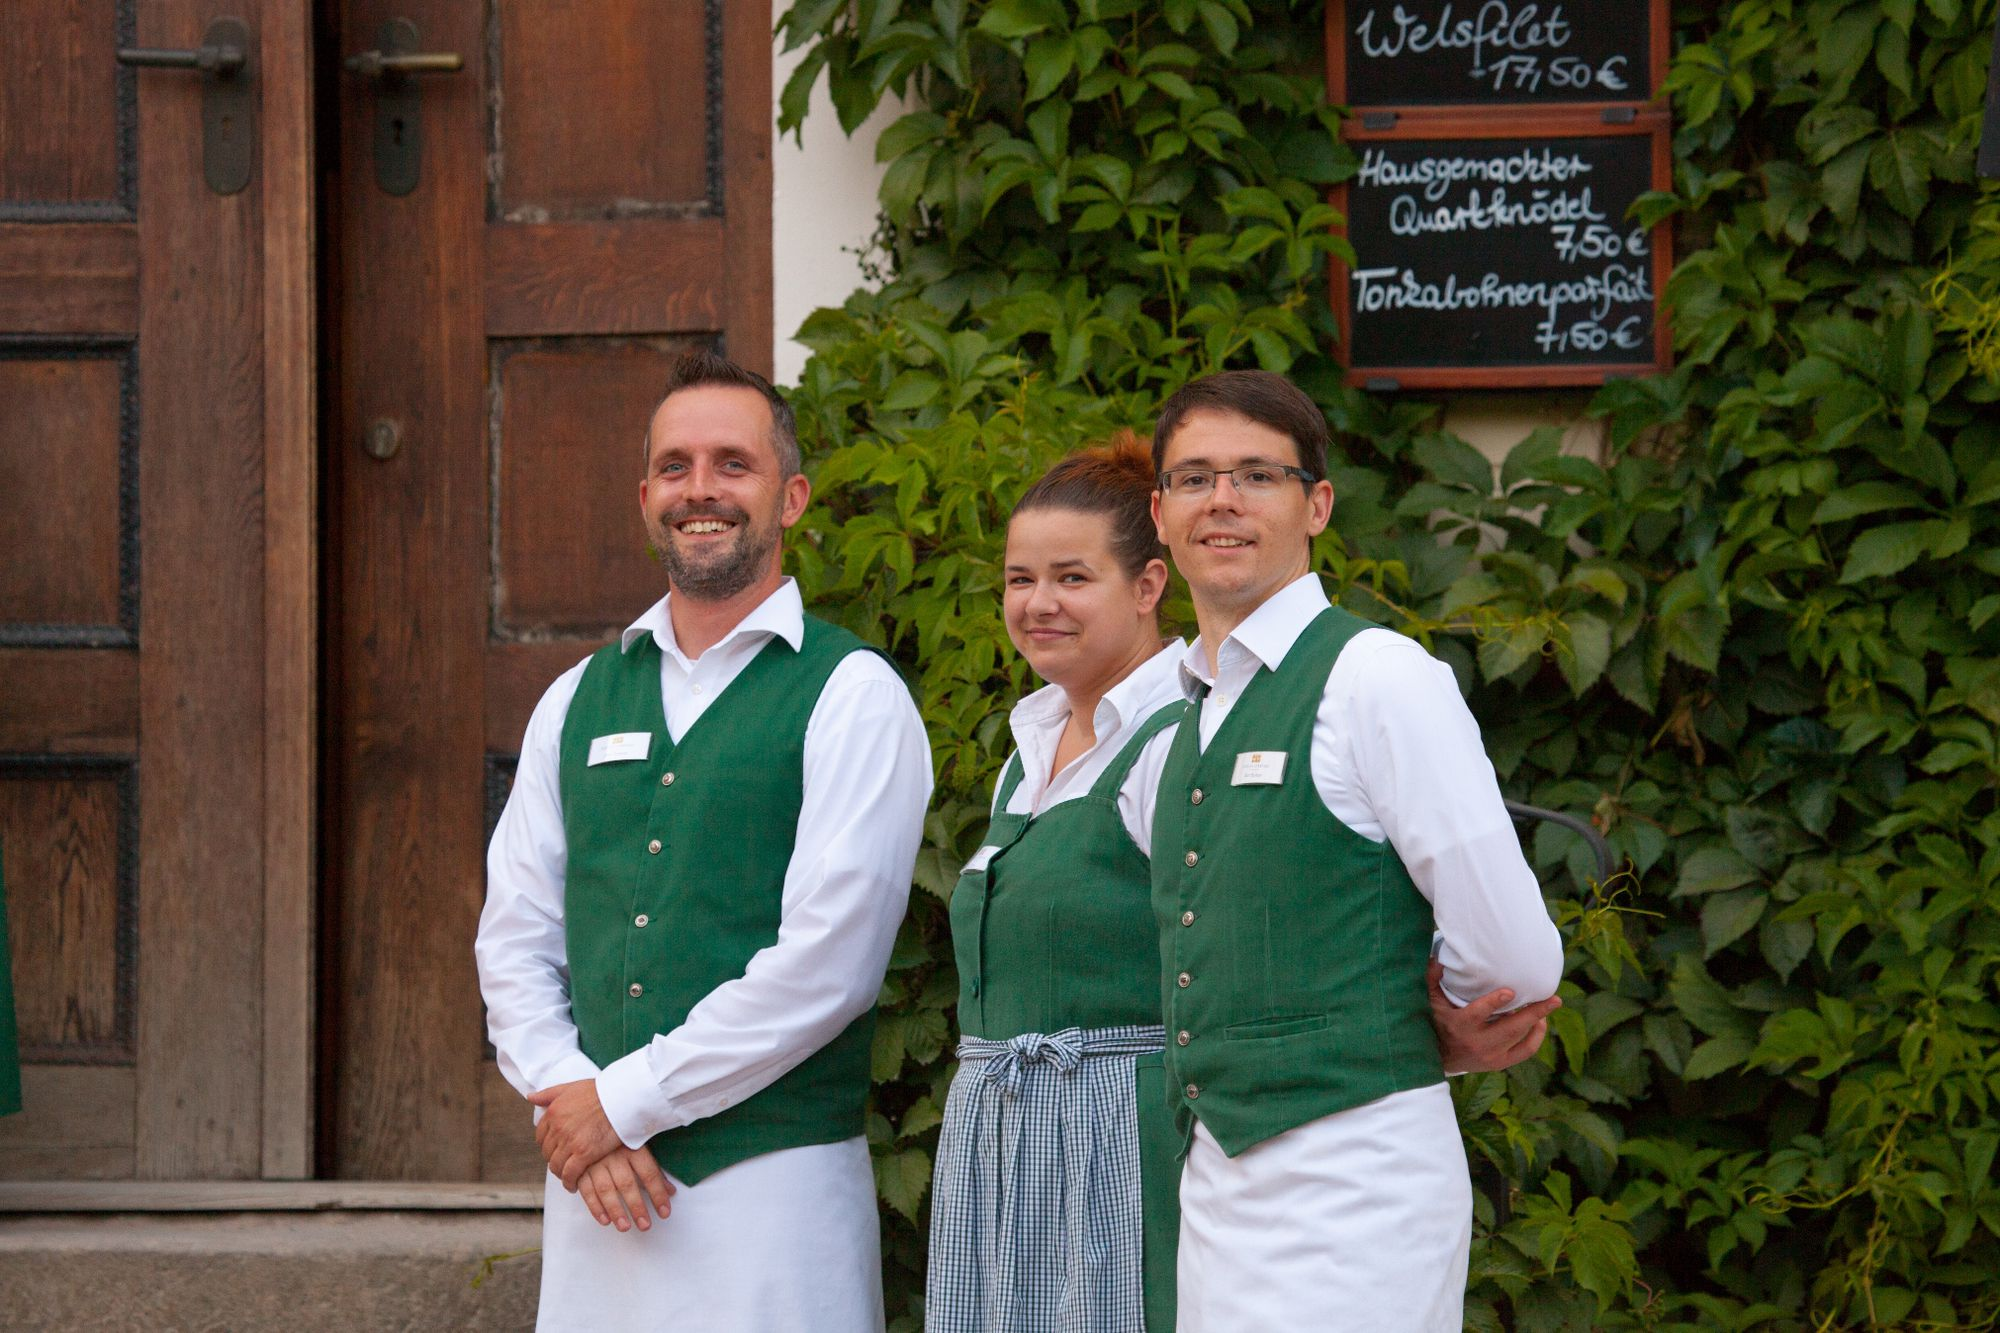 Kurzurlaub Spreewald - Unterkunft Spreewald - Restaurant Spreewald - Schloss Lübbenau im Spreewald